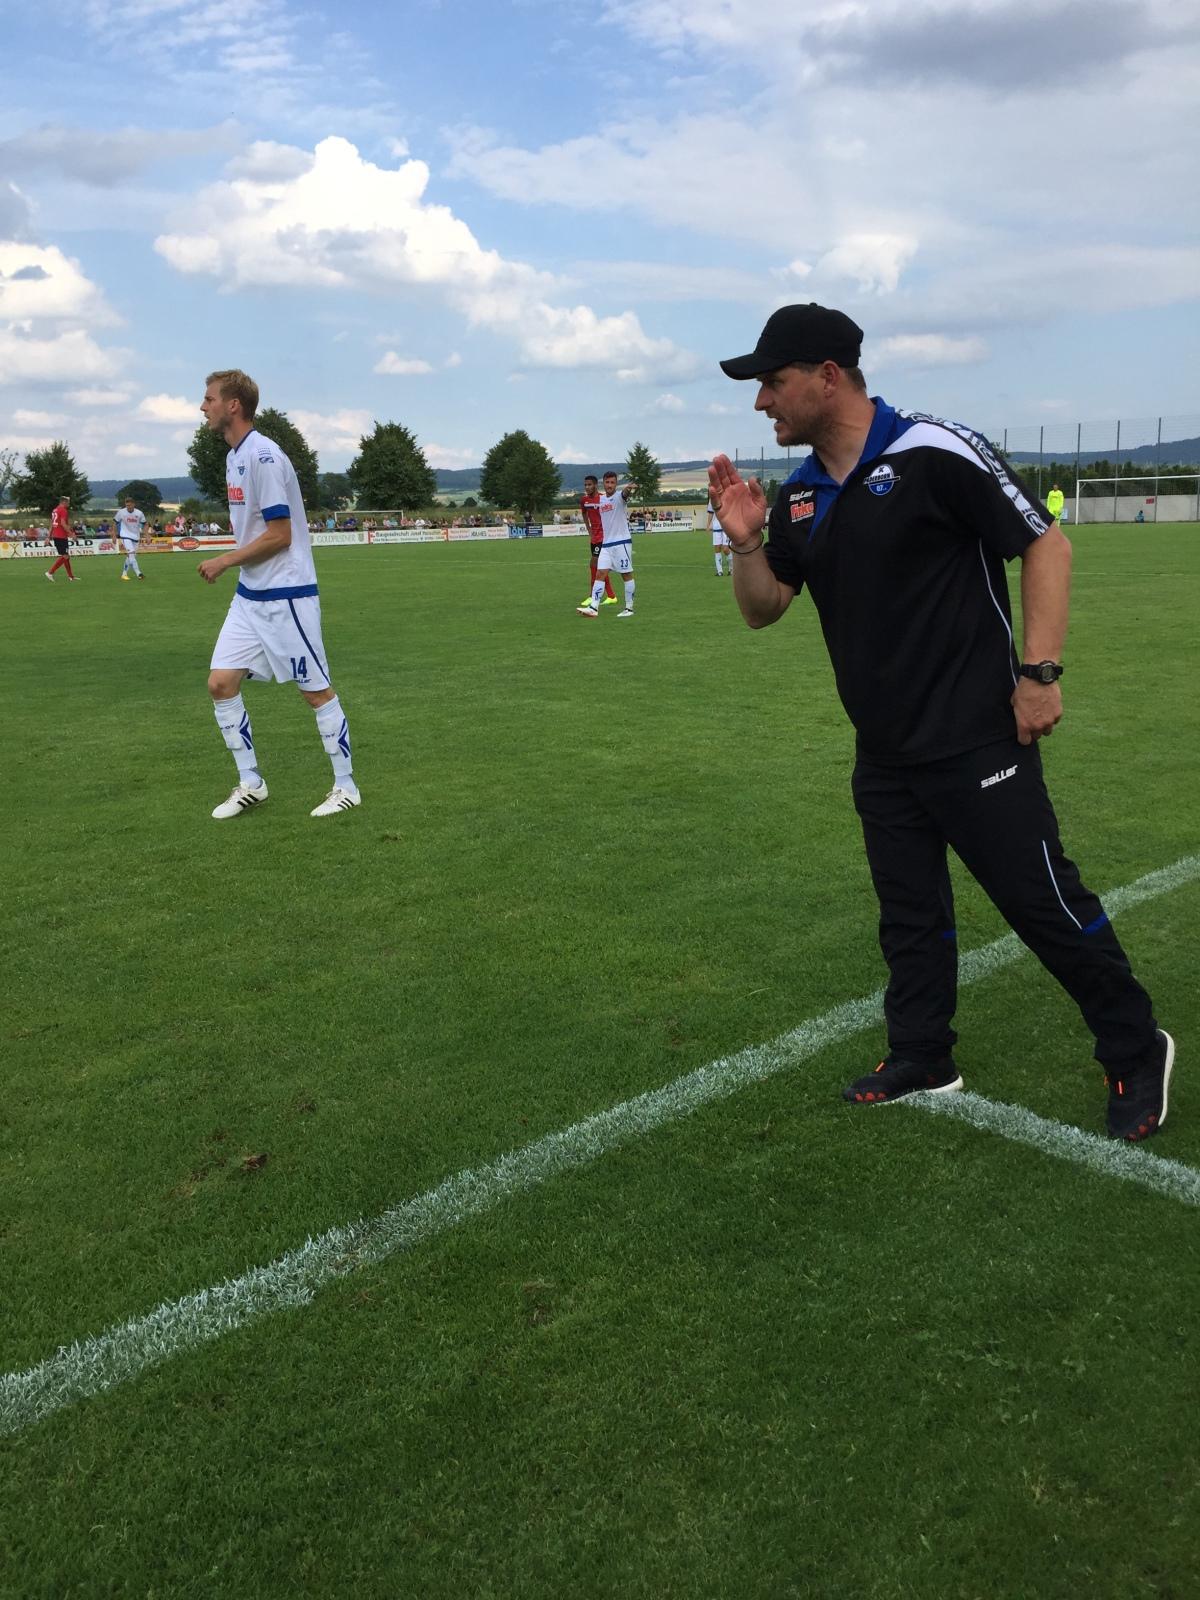 Vorschau SV Wehen Wiesbaden – SCPaderborn